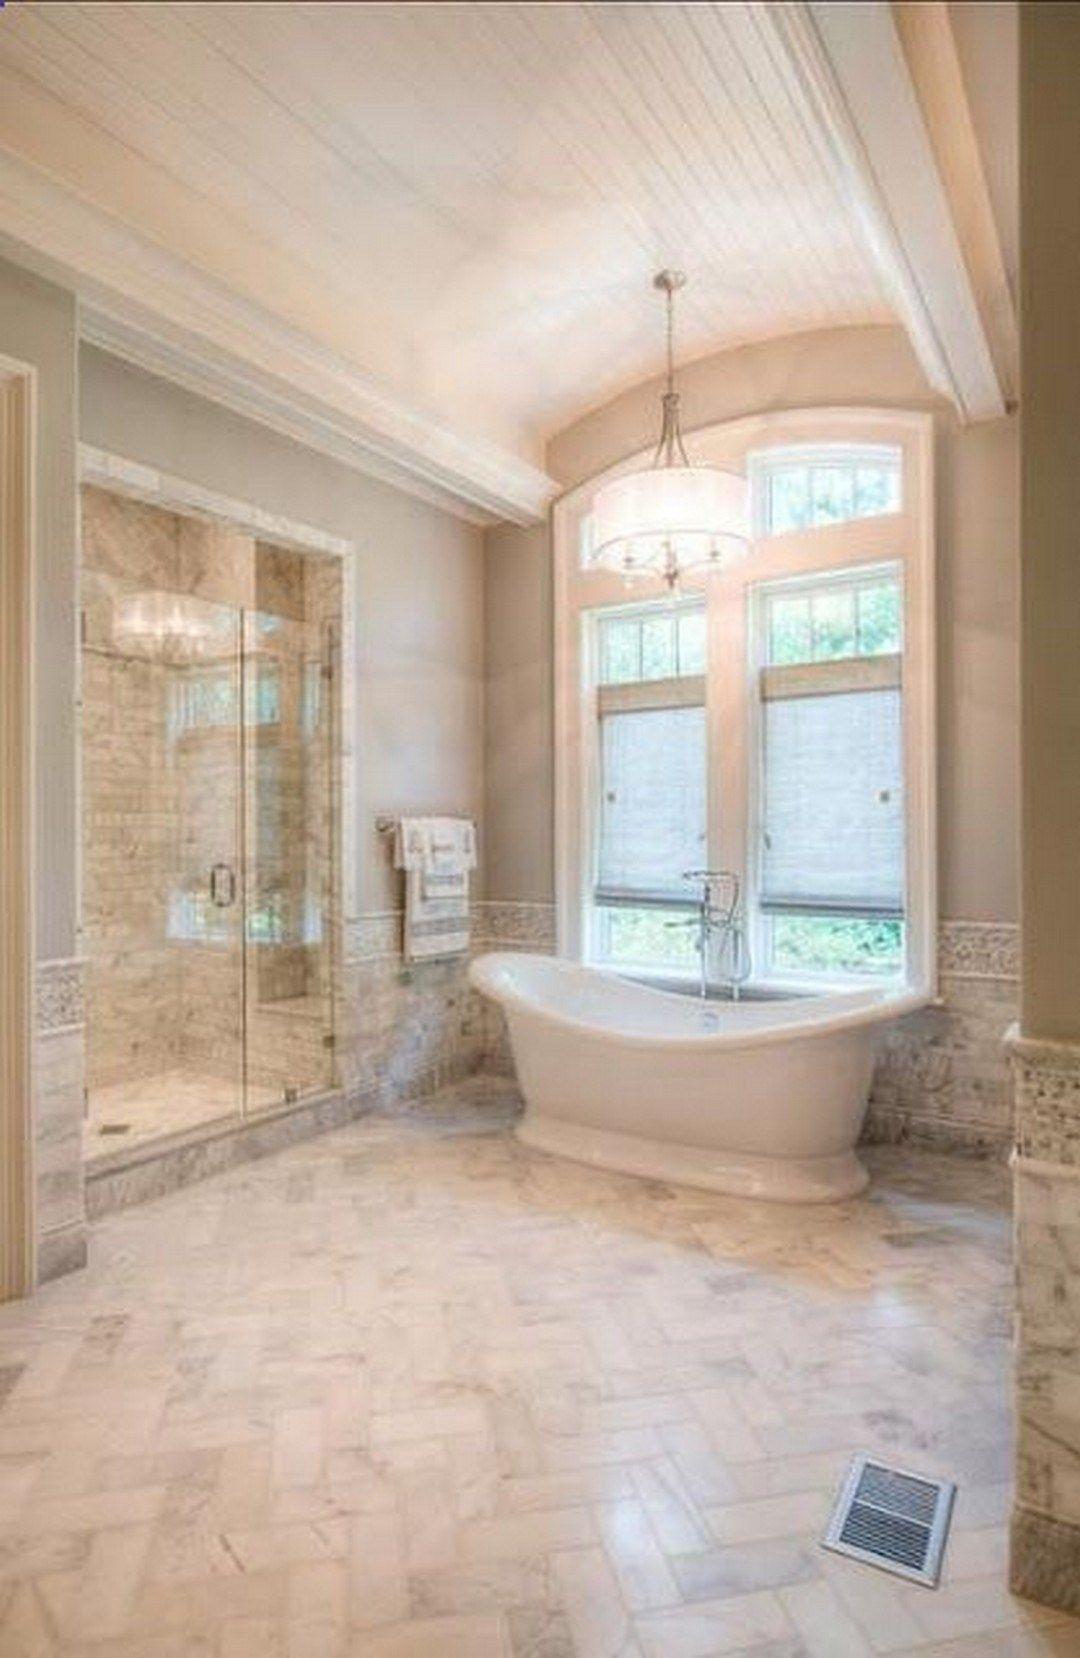 99 New Trends Bathroom Tile Design Inspiration 2017 29: 99 New Trends Bathroom Tile Design Inspiration 2017 (86